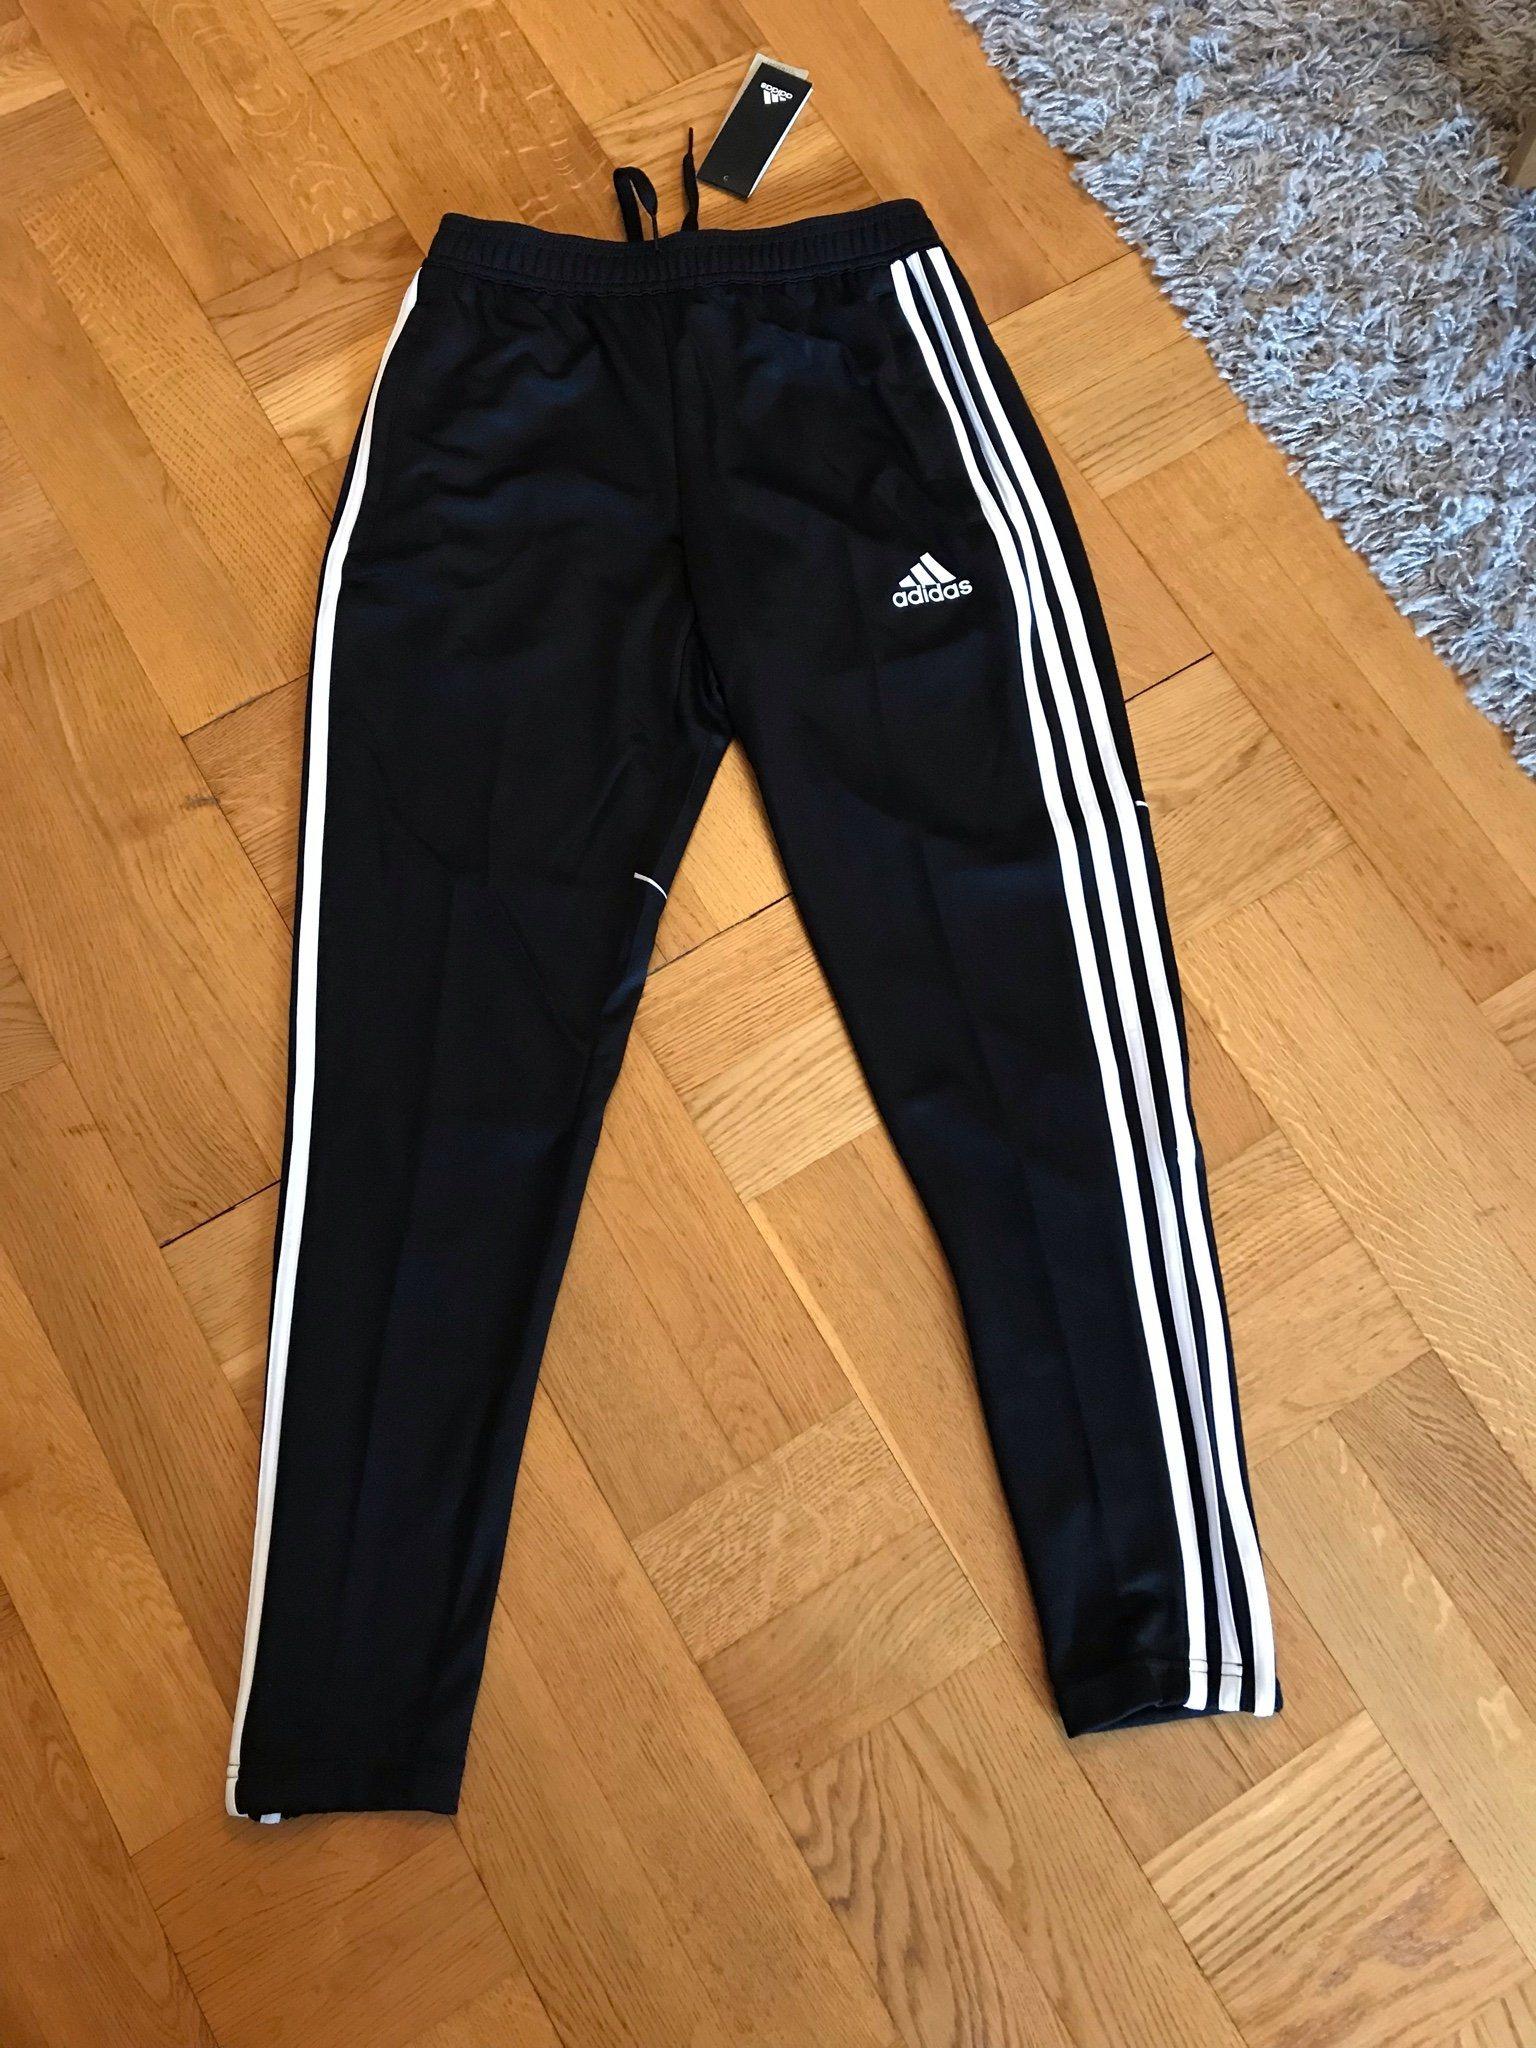 Nya Adidas populära wct byxor Clima lite stl S (340484439) ᐈ Köp på ... 6fba10ce072e9